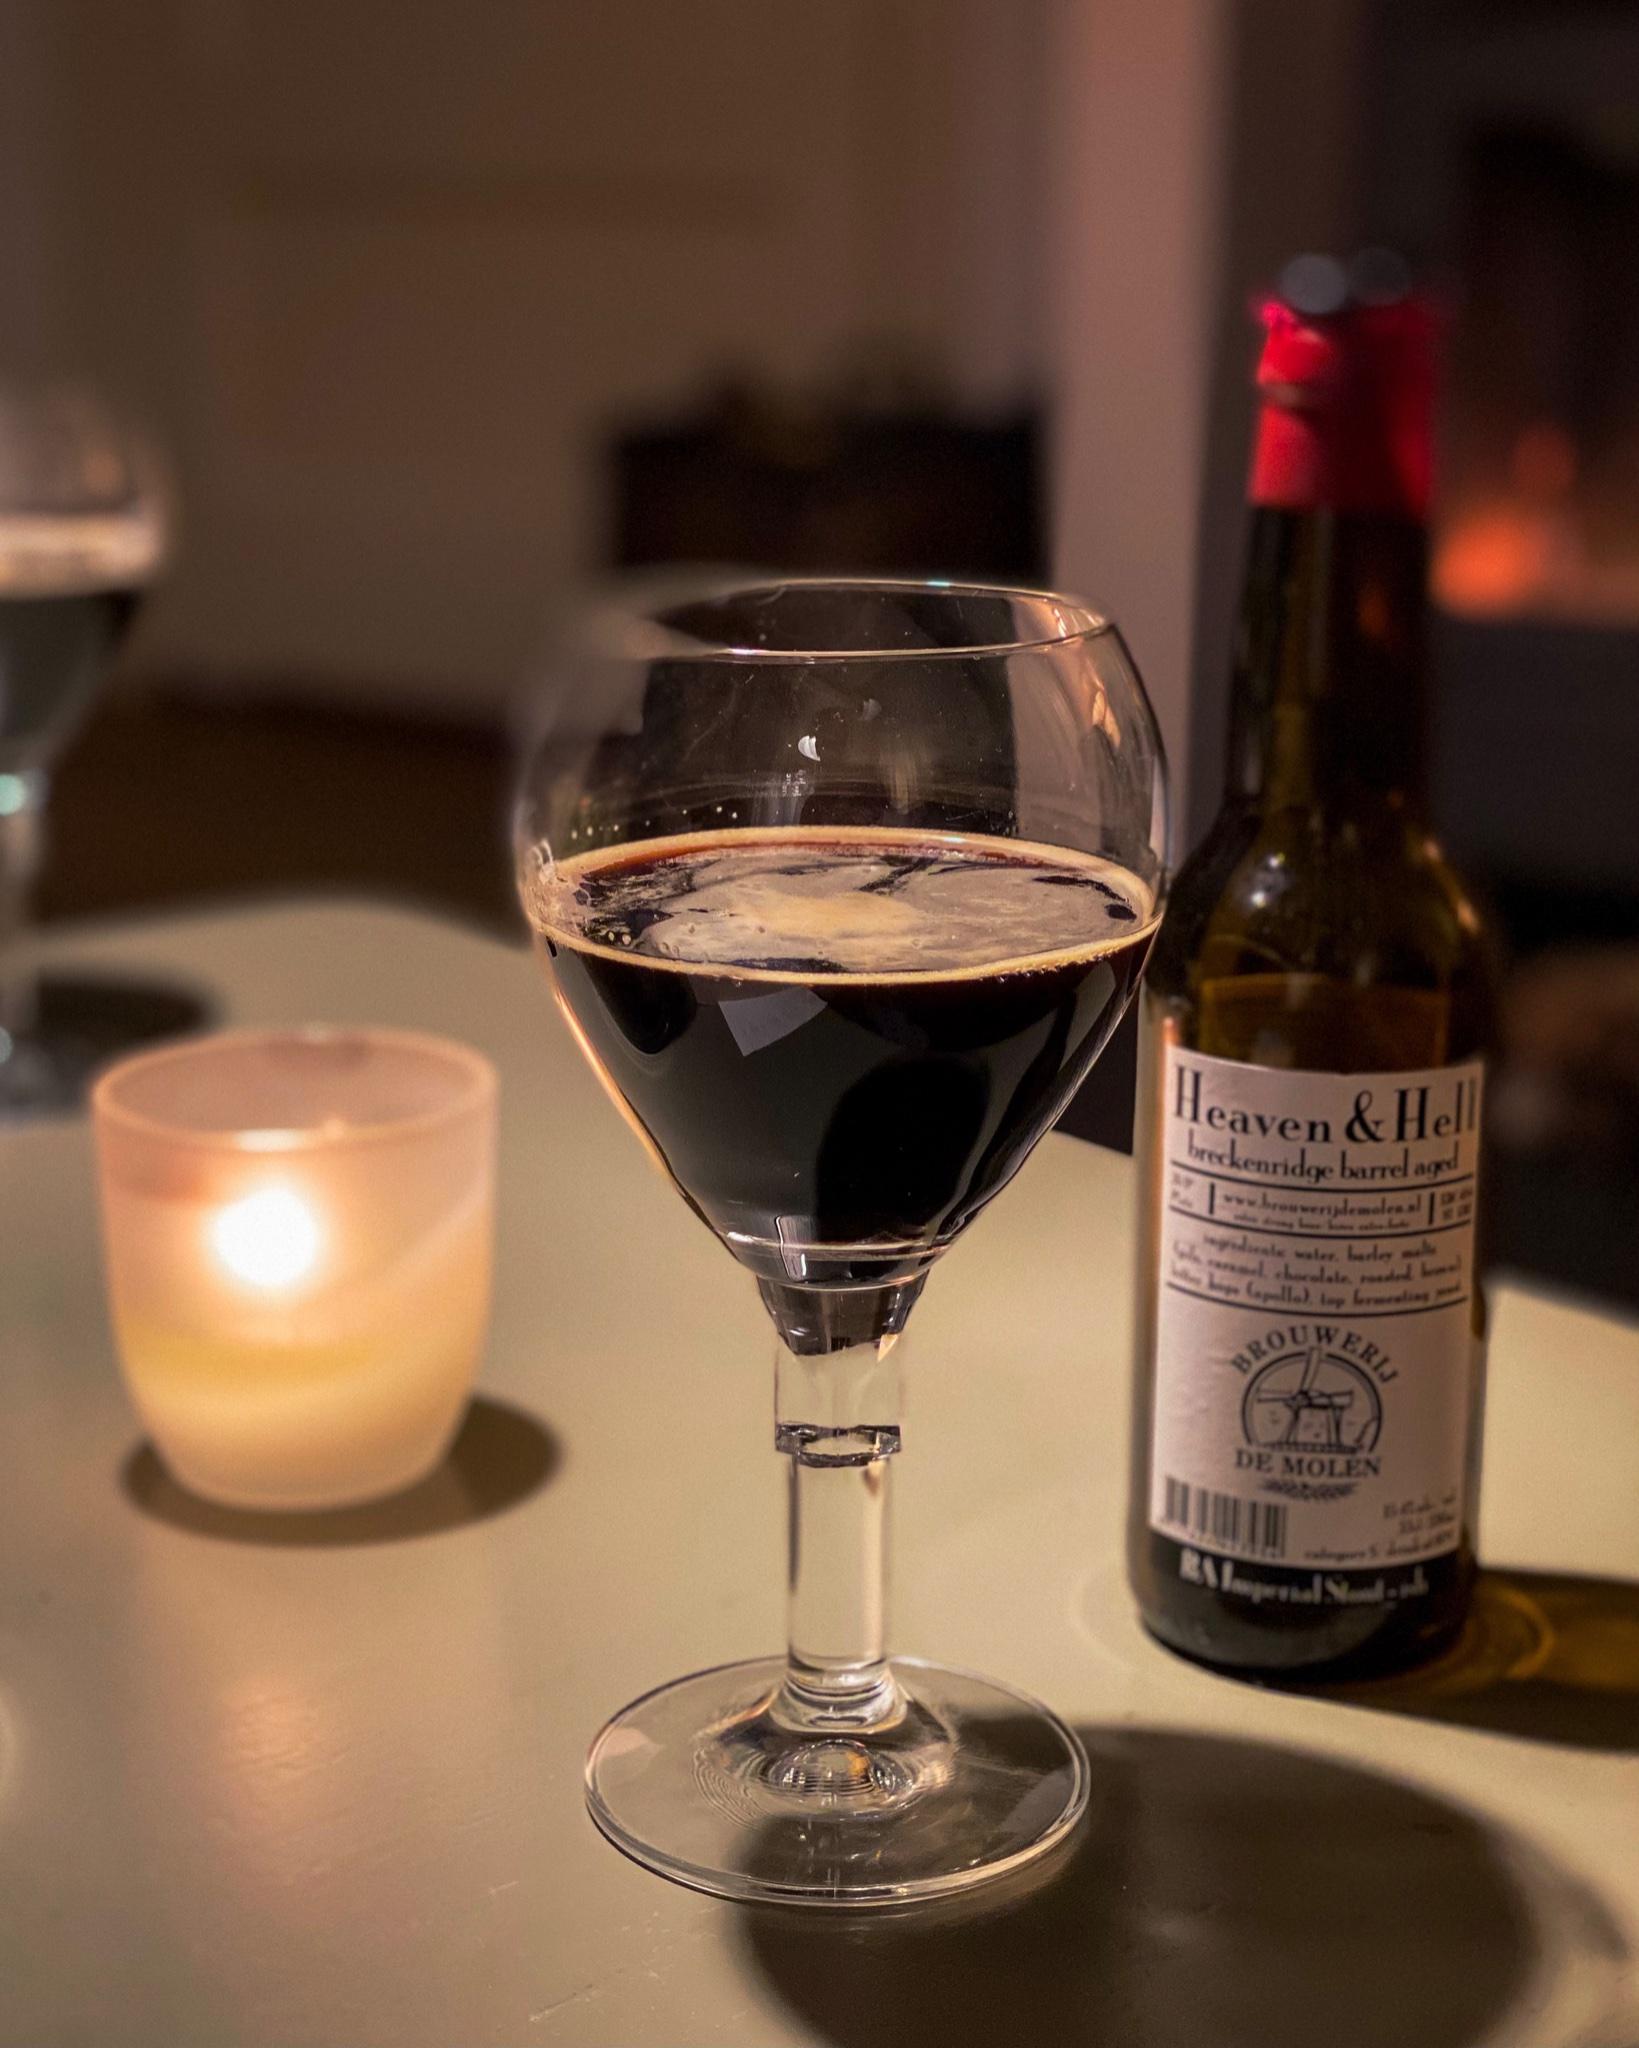 Donker bier in een glas, met ernaast een fles Heaven & Hell van brouwerij de Molen